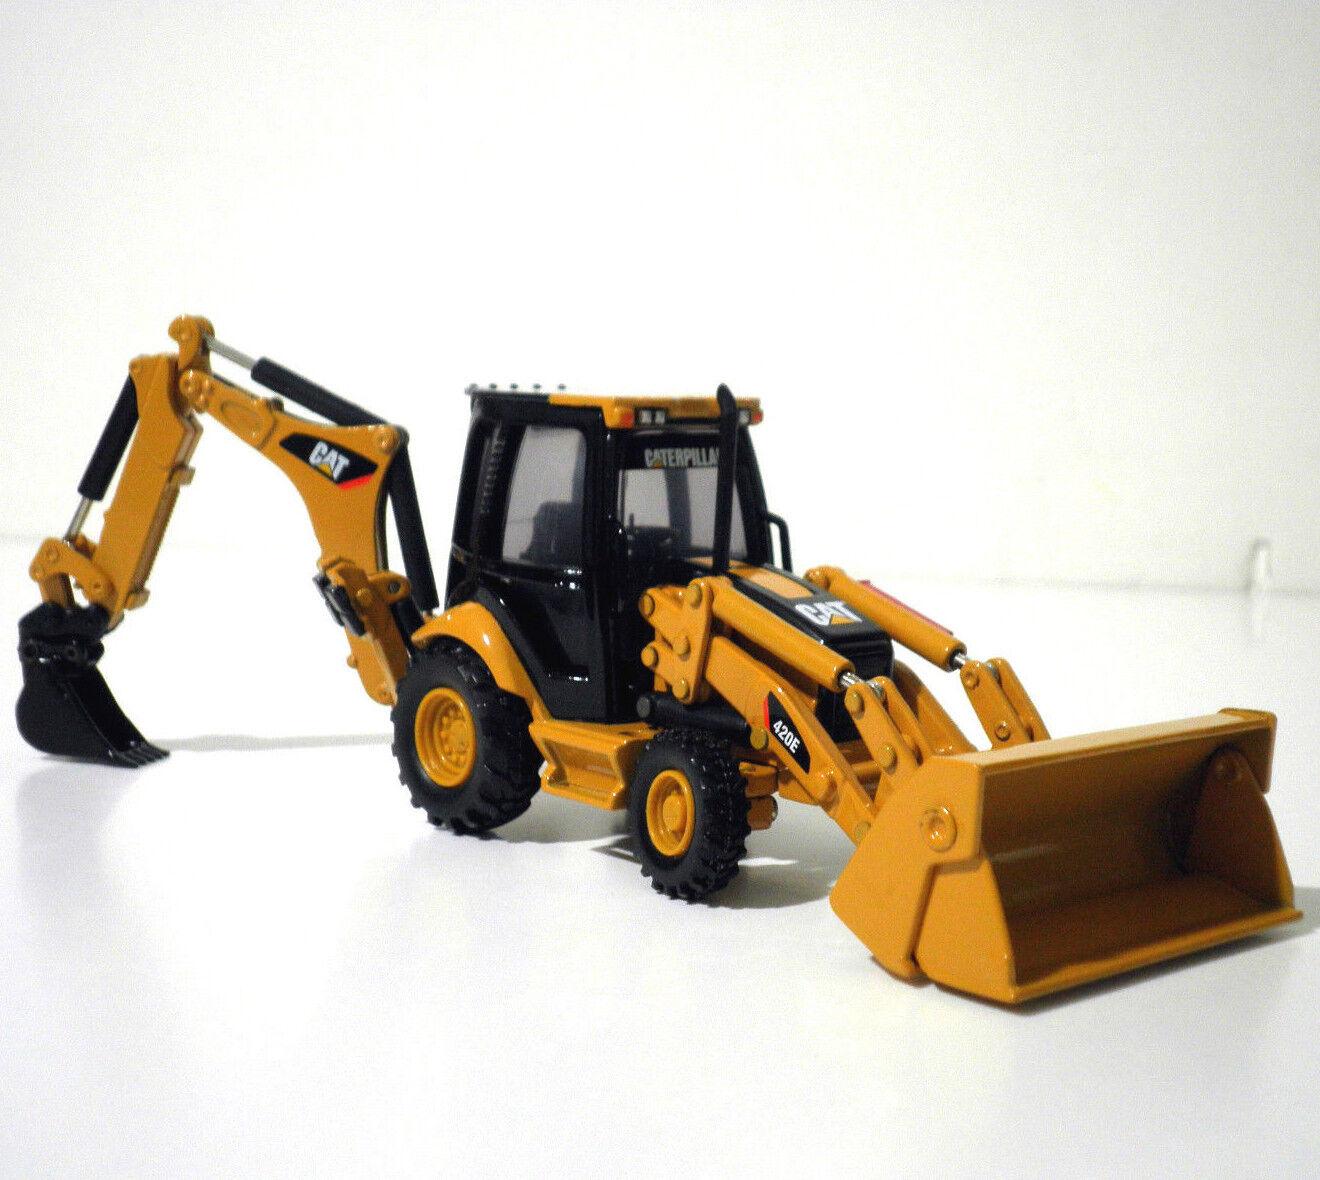 Norscot Cat 420E pivote de centro Retroexcavadora con herramientas de trabajo 1 50, Diecast